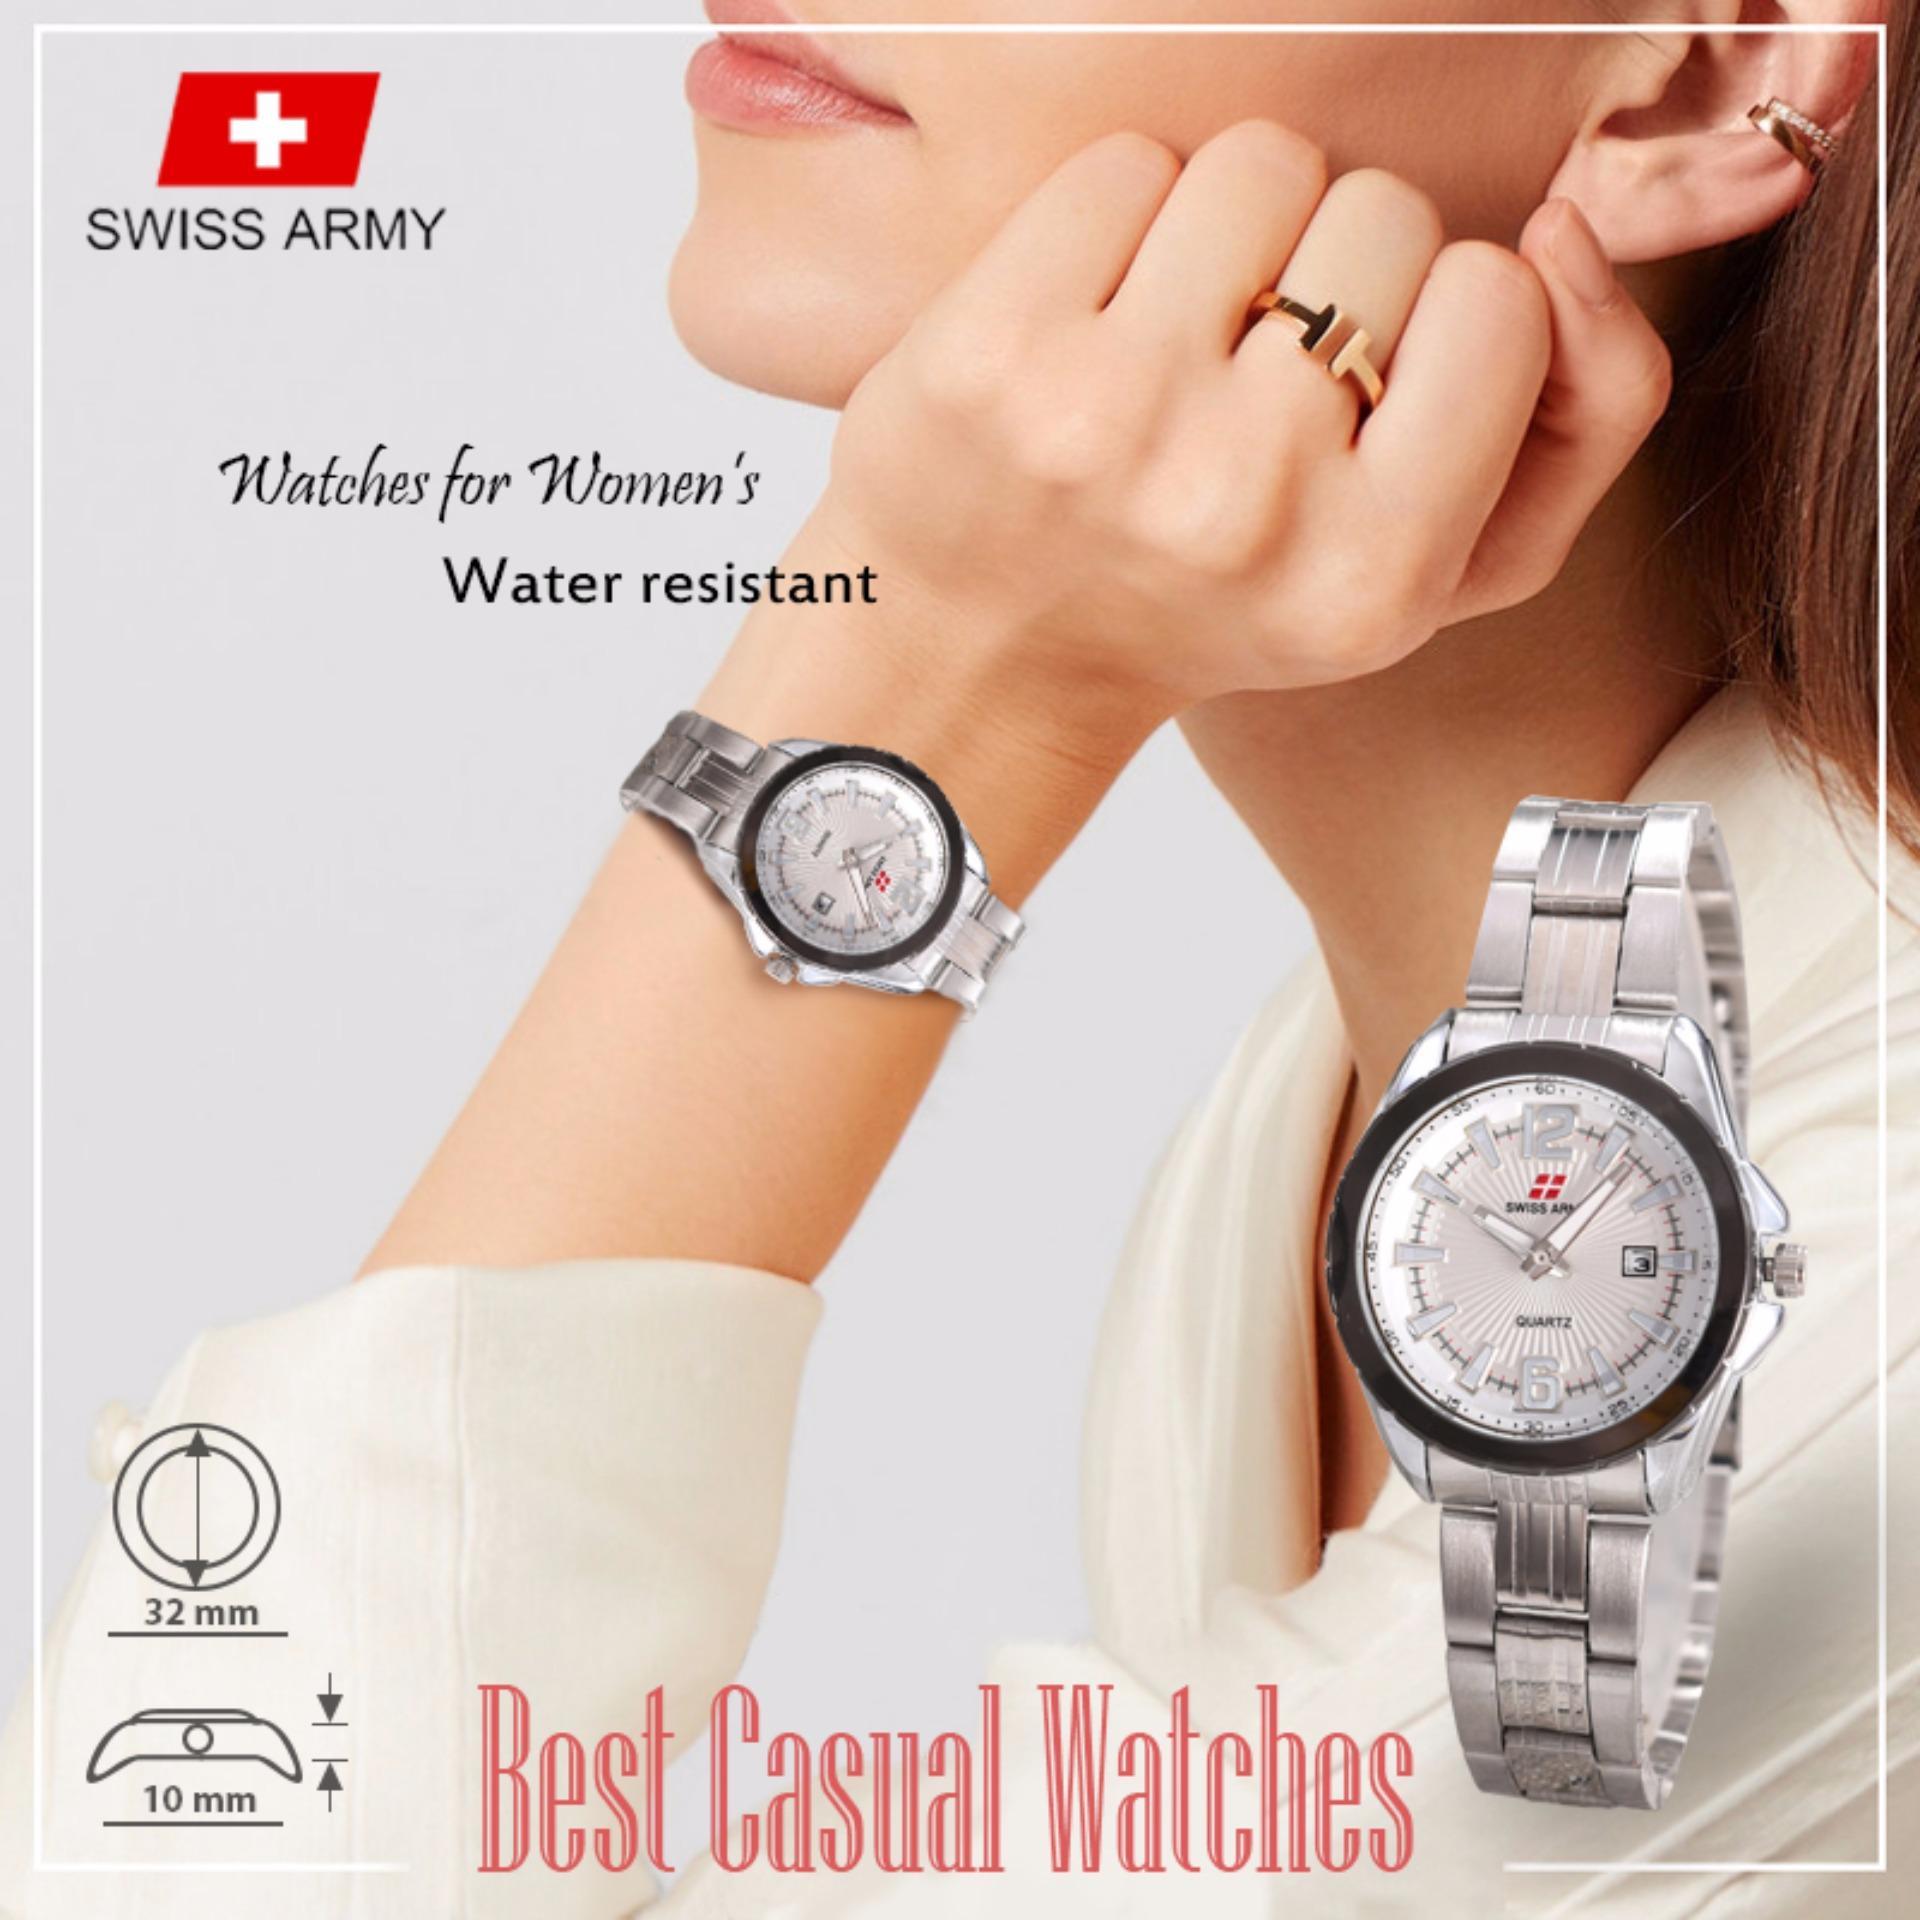 Swiss Army - Casual Watches - Jam Tangan Wanita - TGL - Stainless Steel - 4U-Store